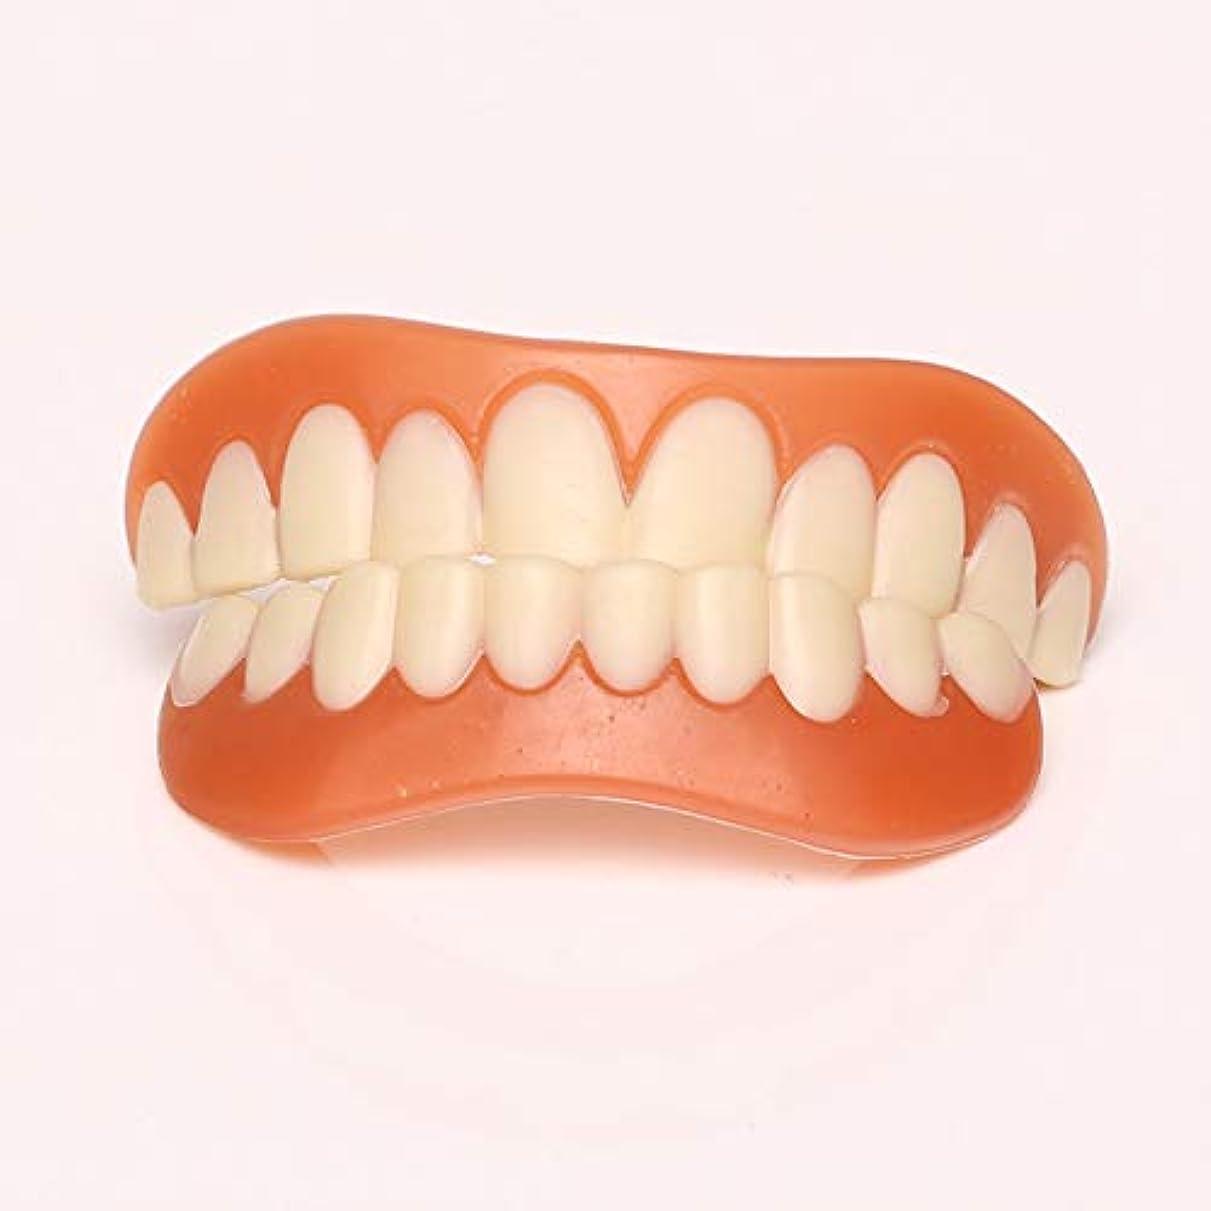 化粧品の歯、白い歯をきれいにするための快適なフィットフレックス歯ソケット、化粧品の歯義歯の歯のトップ化粧品、5セット